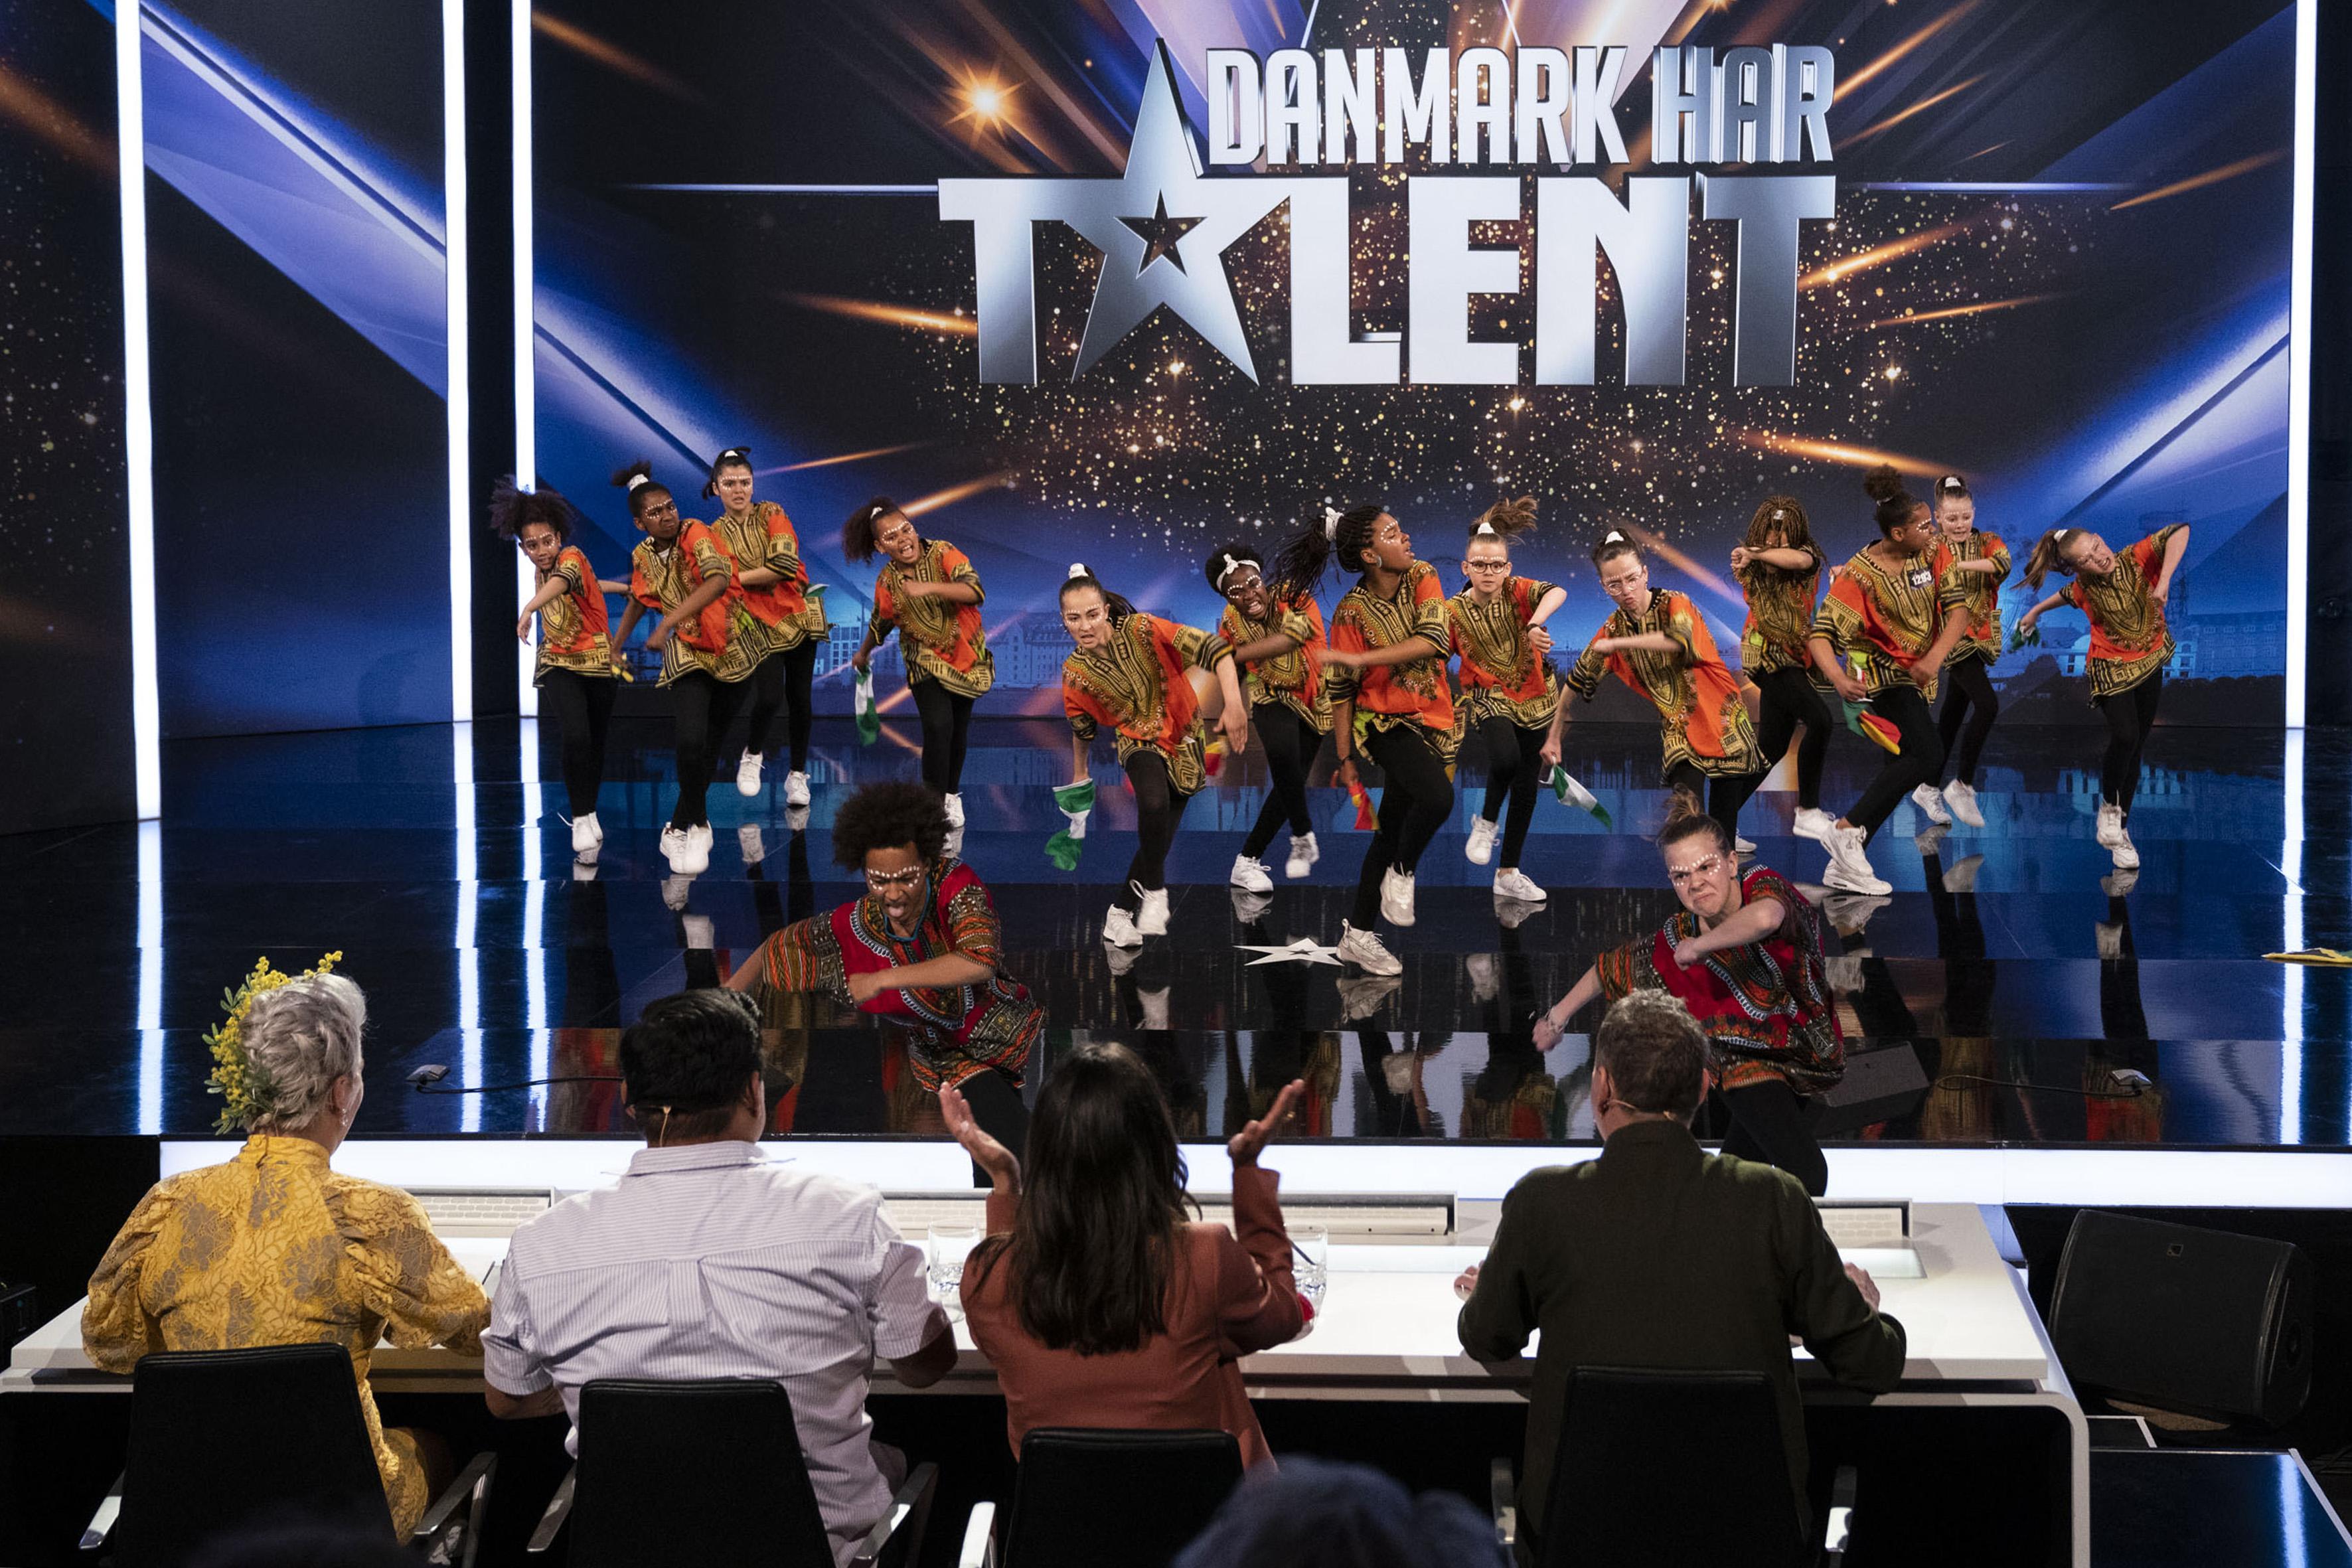 danmark har talent 3